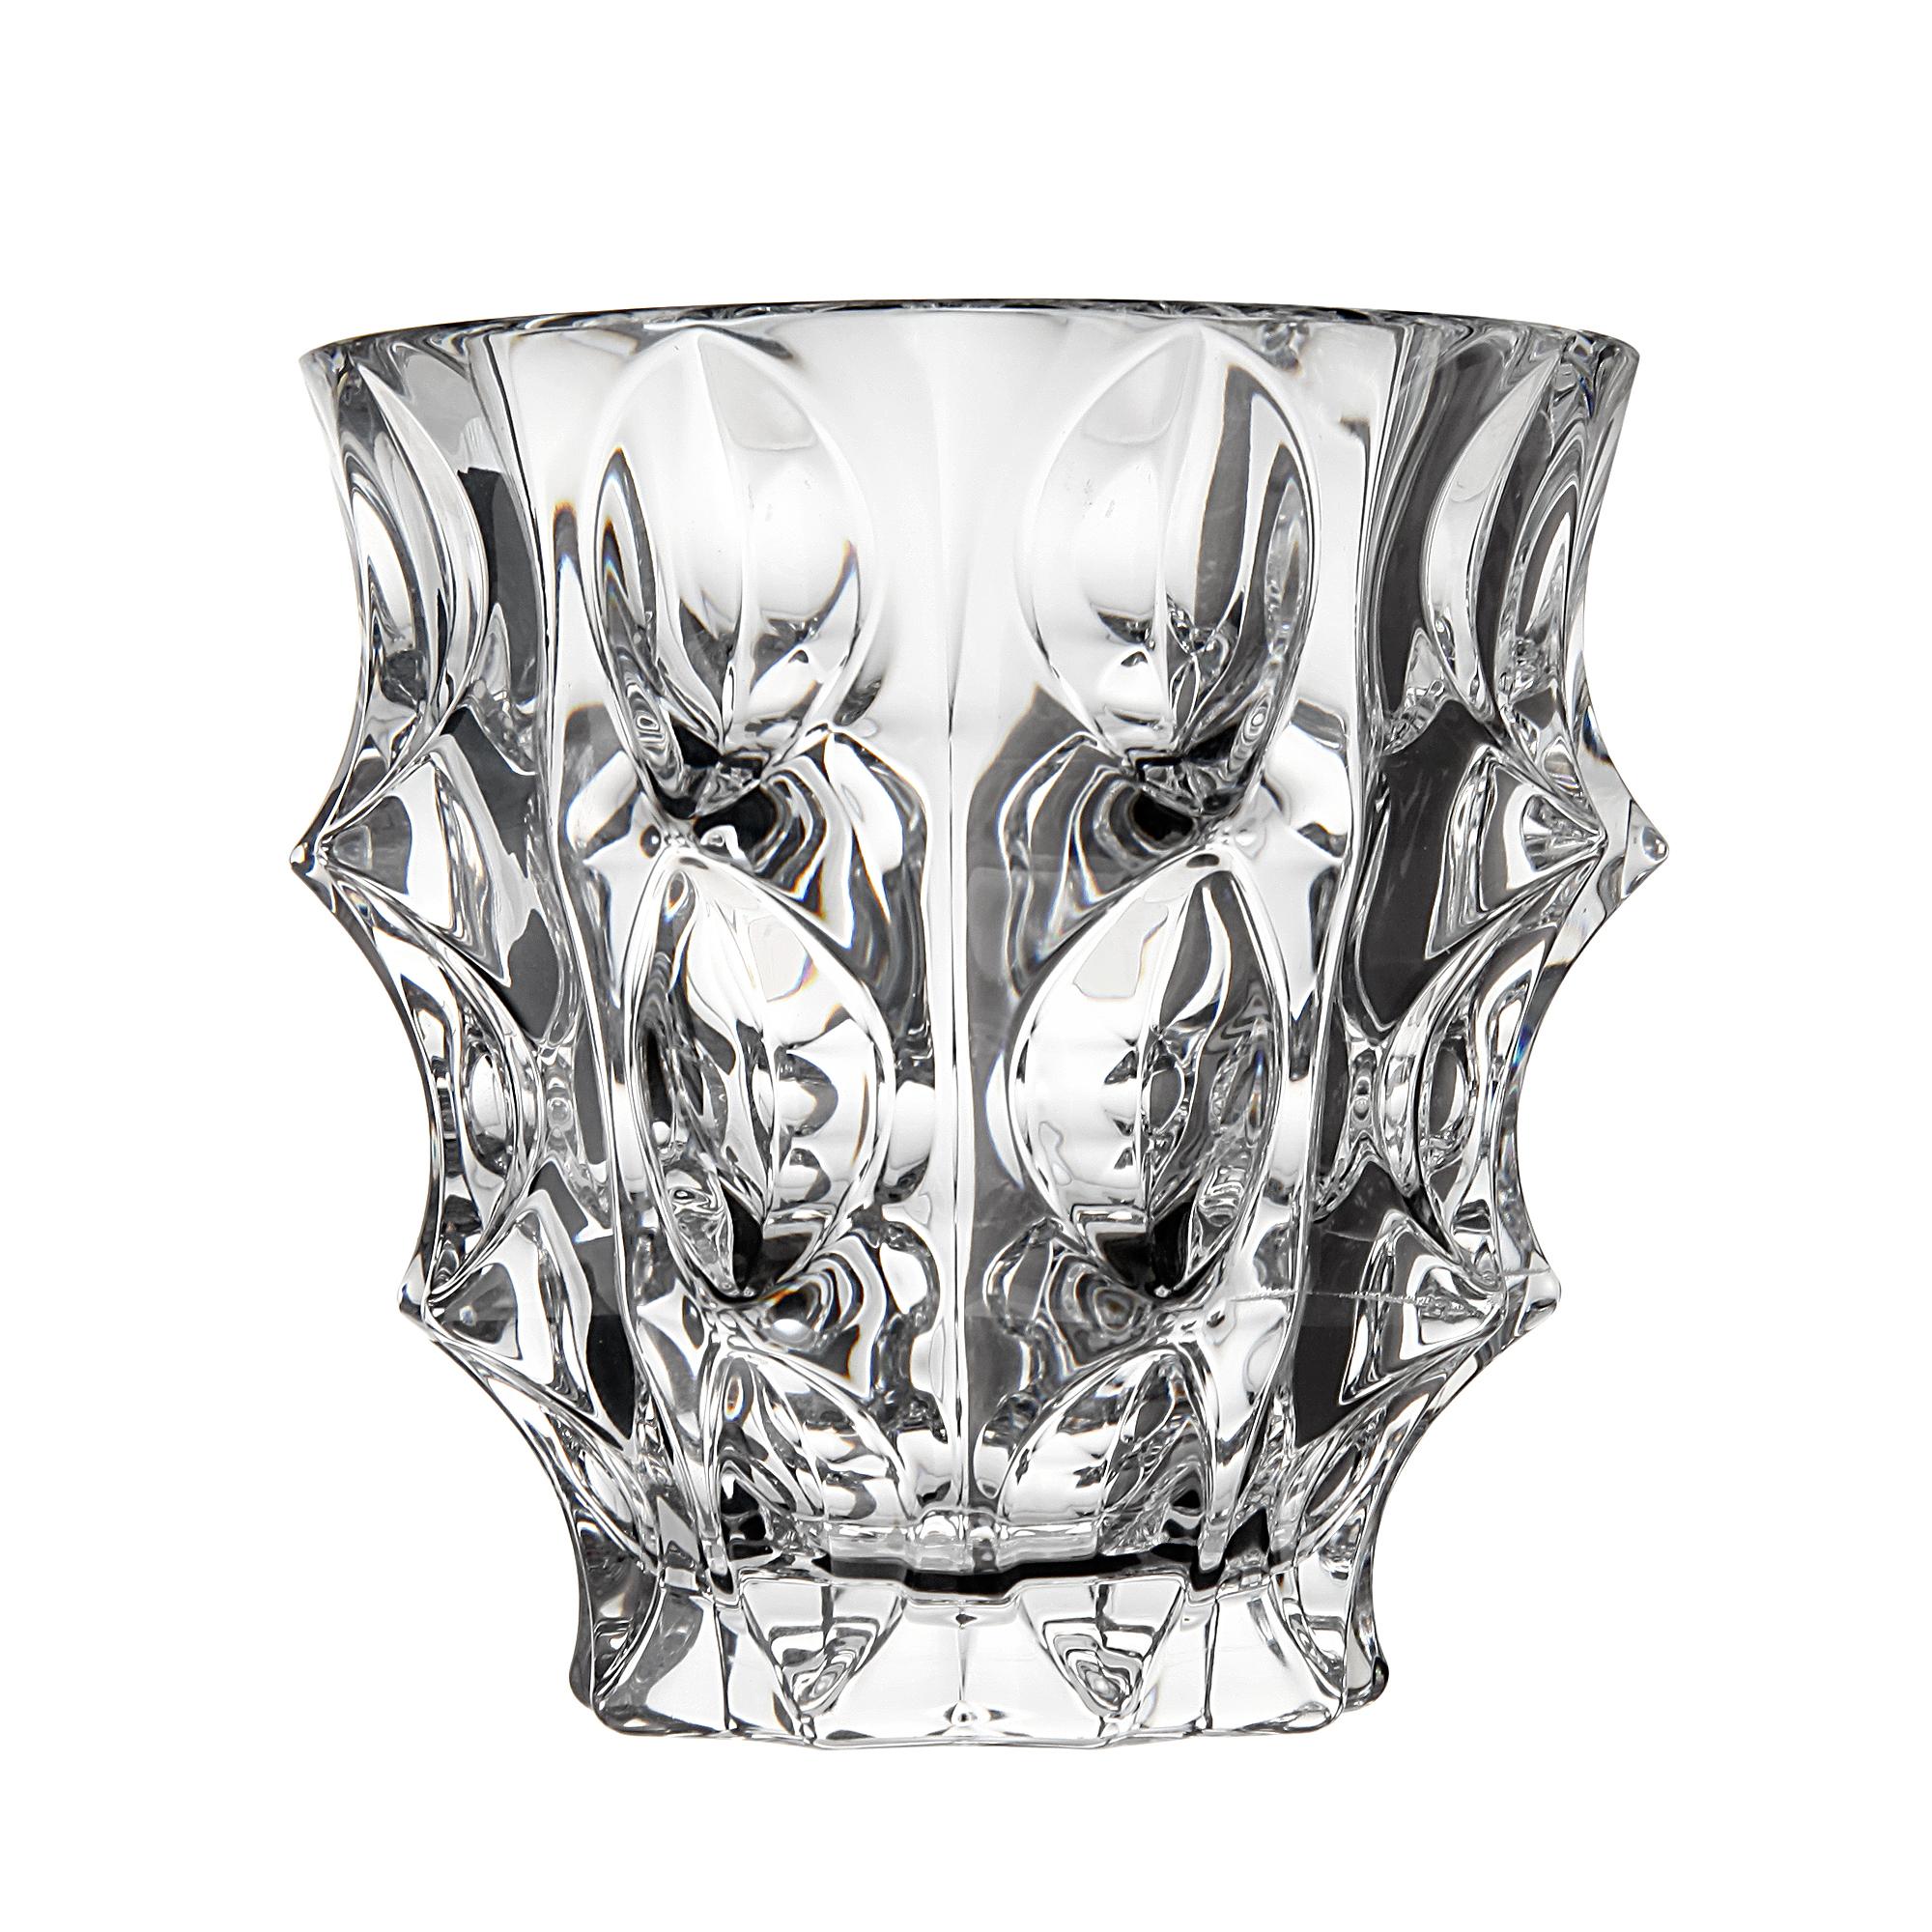 Набор стаканов для виски Crystal bohemia a.s. fortuna 290 мл 6 шт